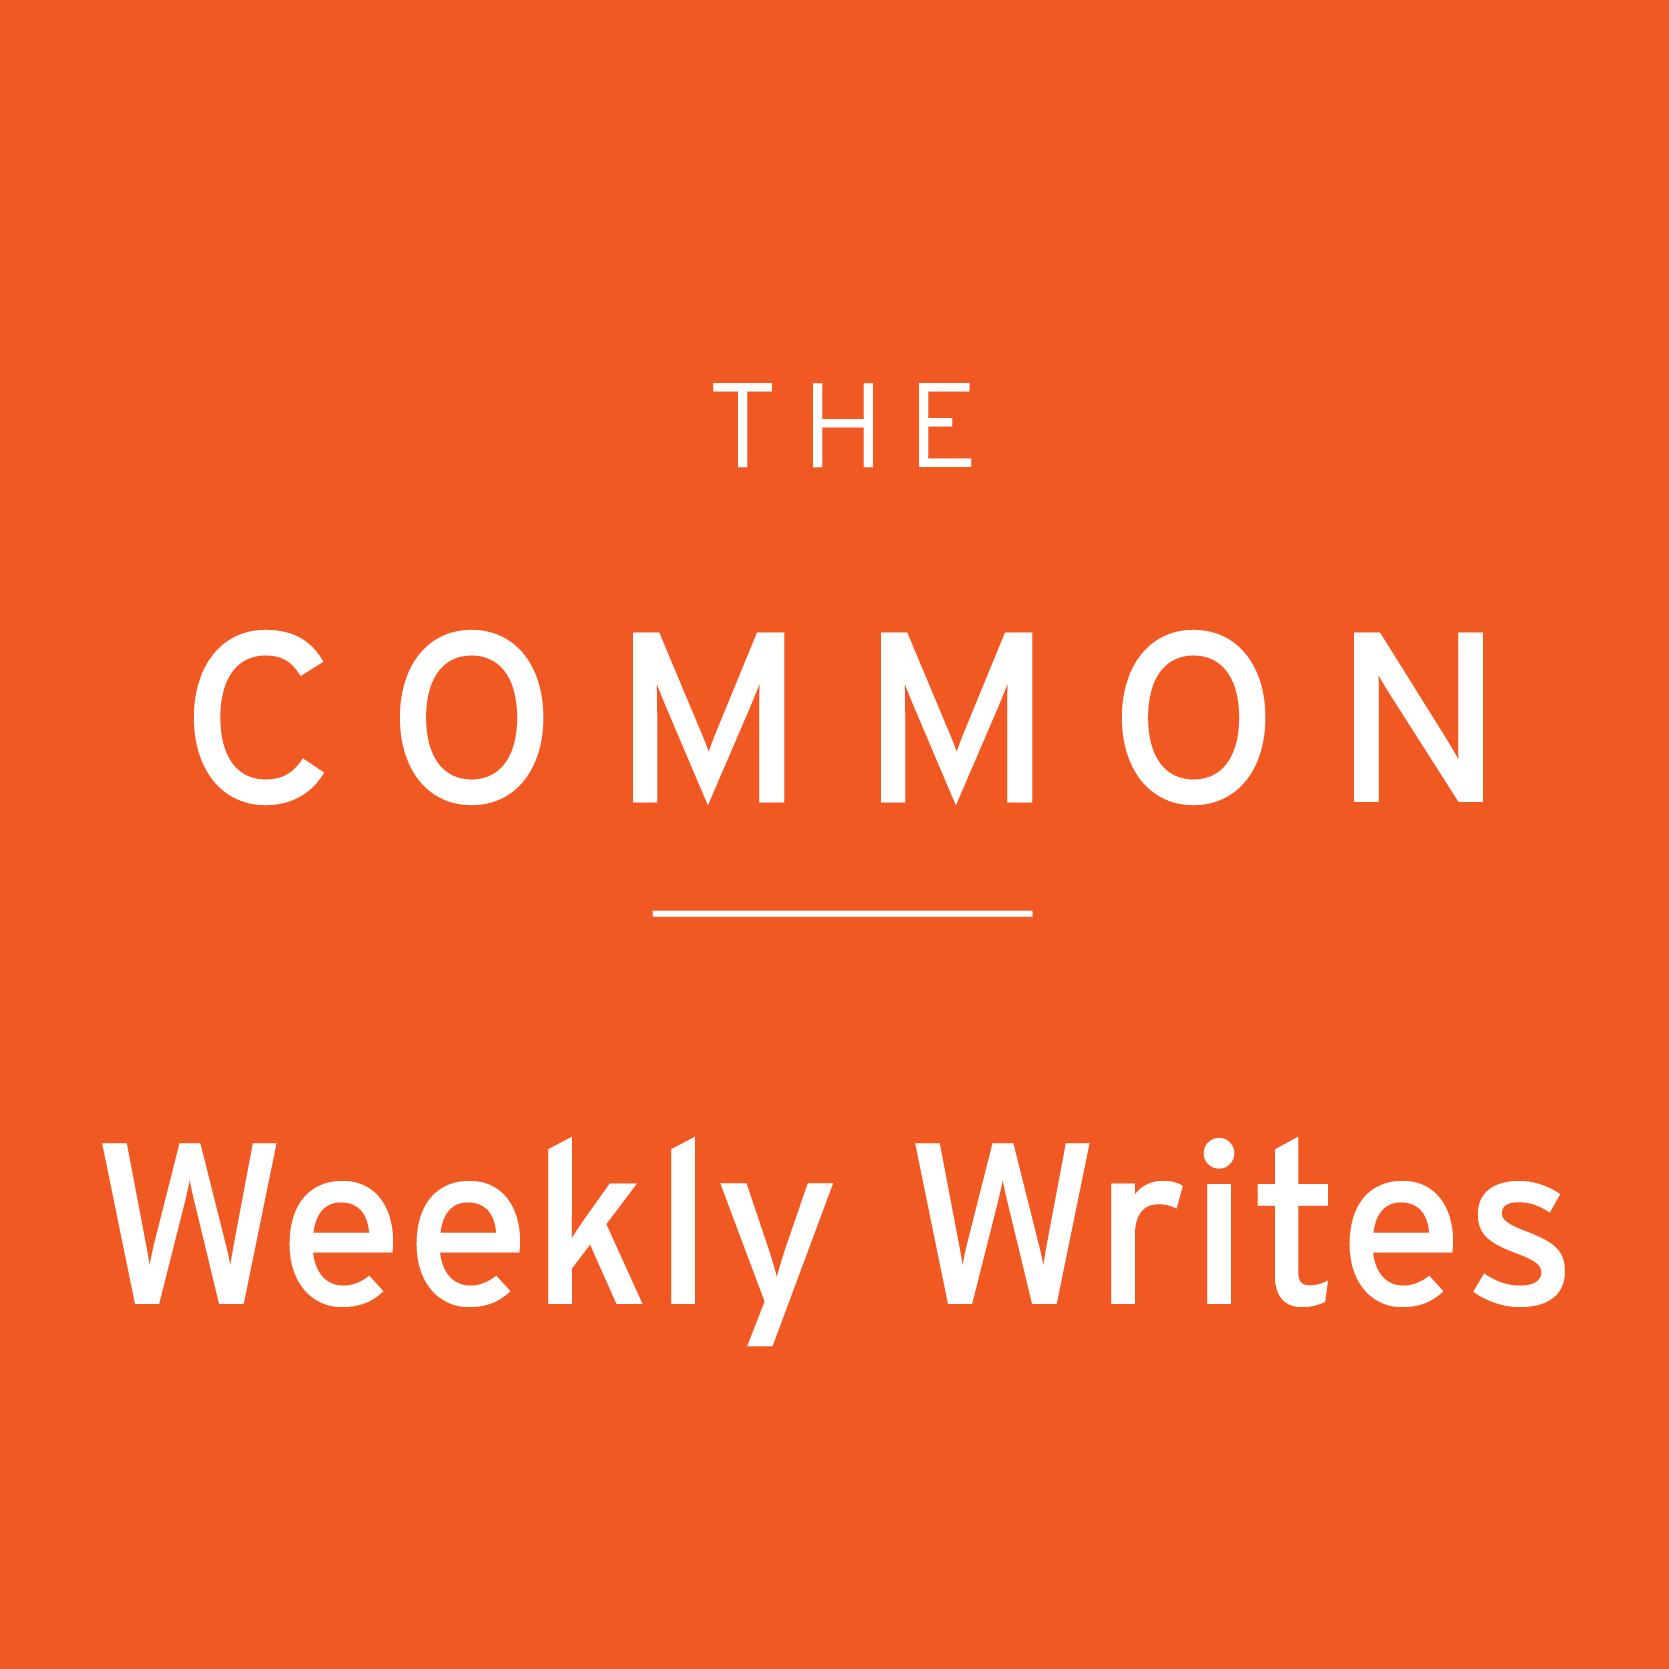 weekly writes